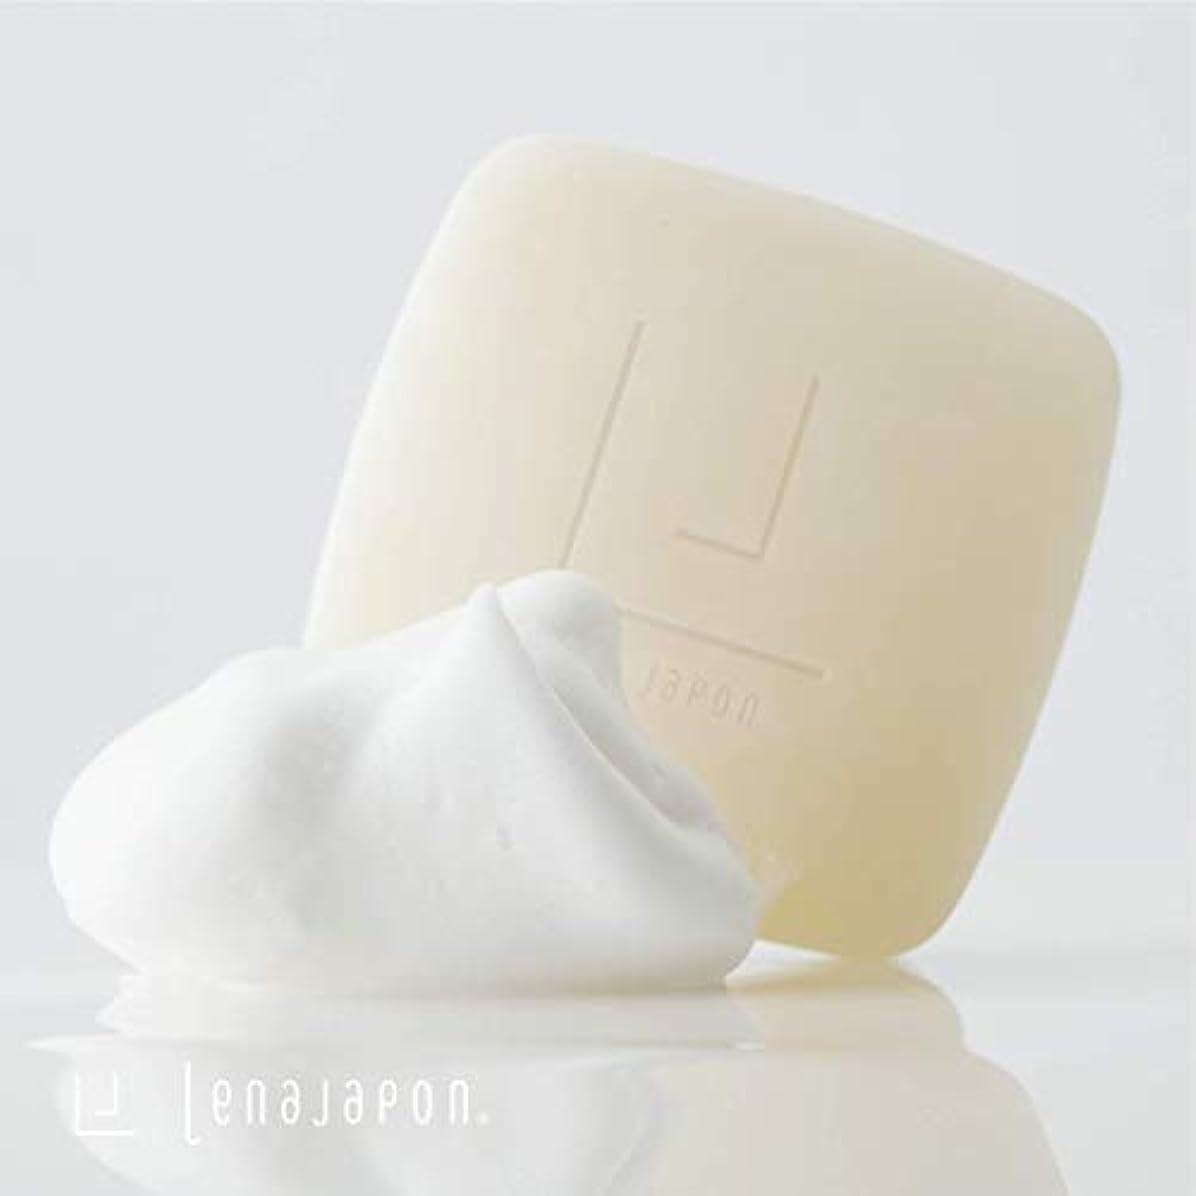 無臭削減記述するレナジャポン〈洗顔石鹸〉LJ モイストバー / LENAJAPON 〈rich foaming face soap〉 LJ MOIST BAR